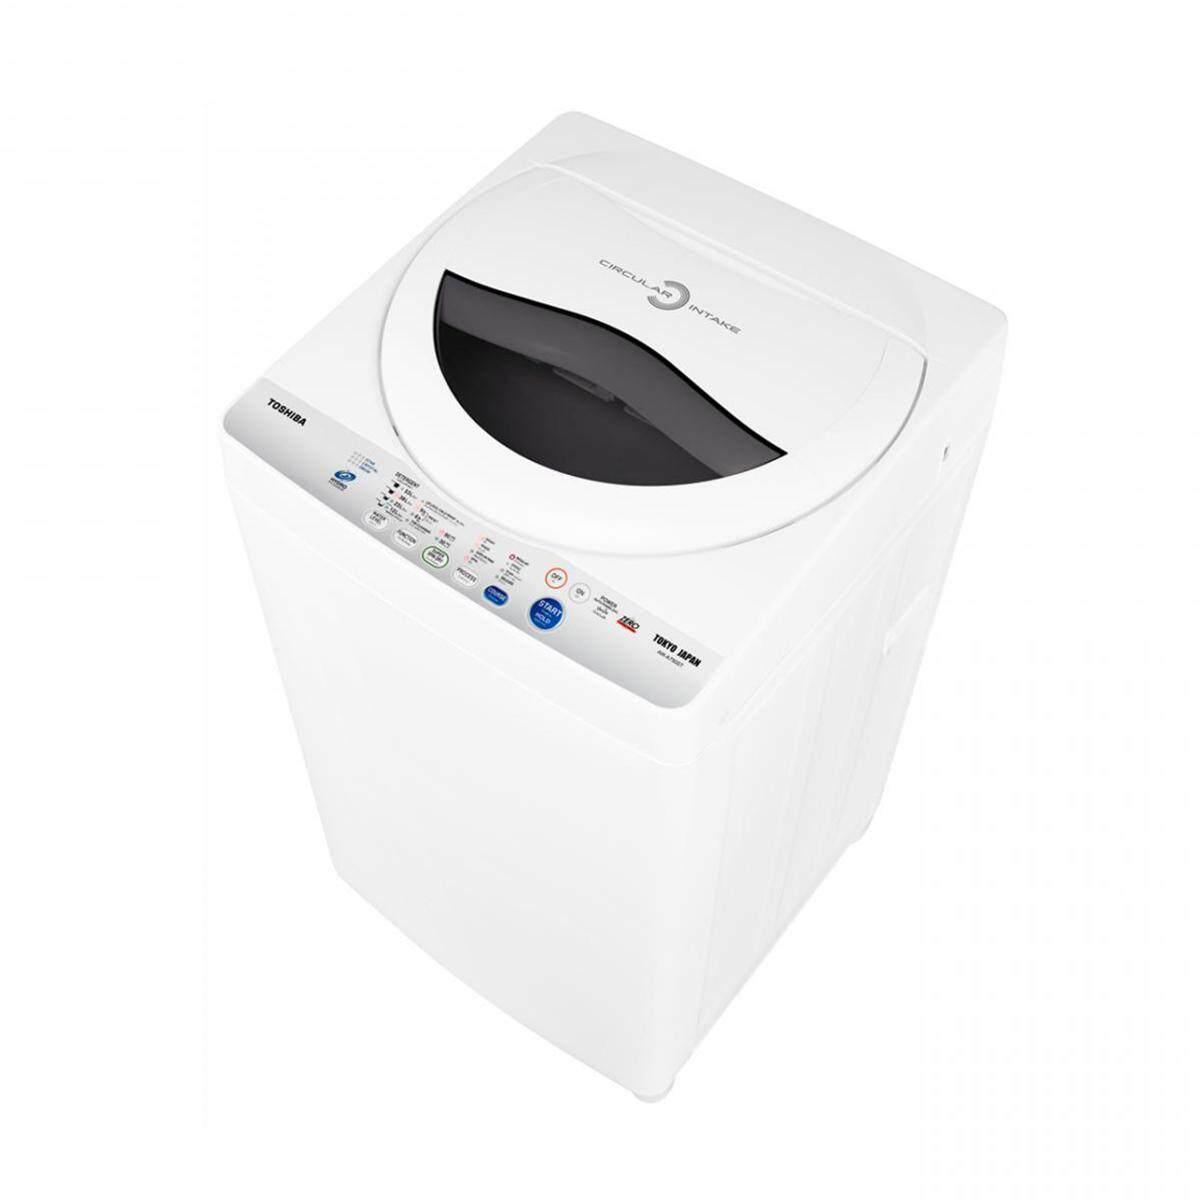 รีวิว Pantip เครื่องซักผ้า SM ลดราคา -55% SM ท่อน้ำทิ้ง ความยาว 2 เมตร สายท่อย่นน้ำทิ้ง สำหรับเครื่องซักผ้าฝาบน เคลมสินค้าได้